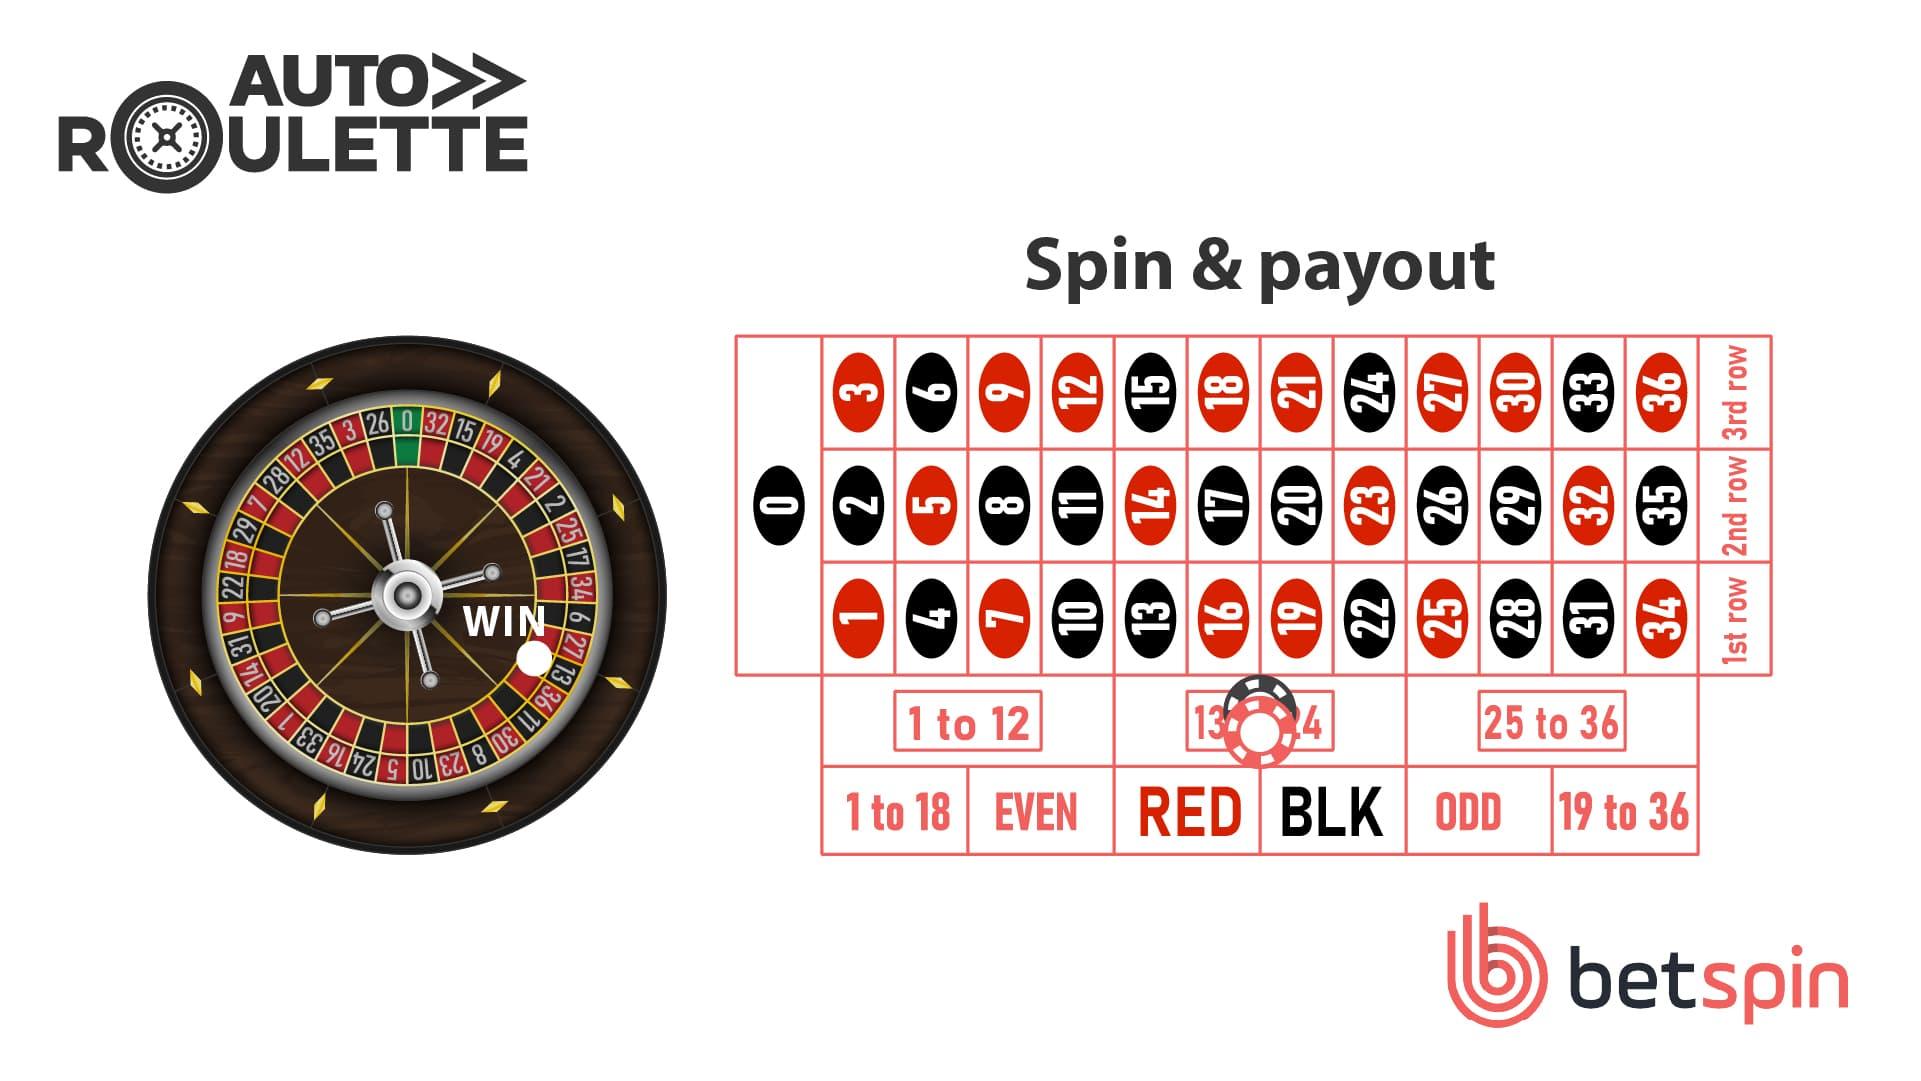 Auto Roulette Step 3